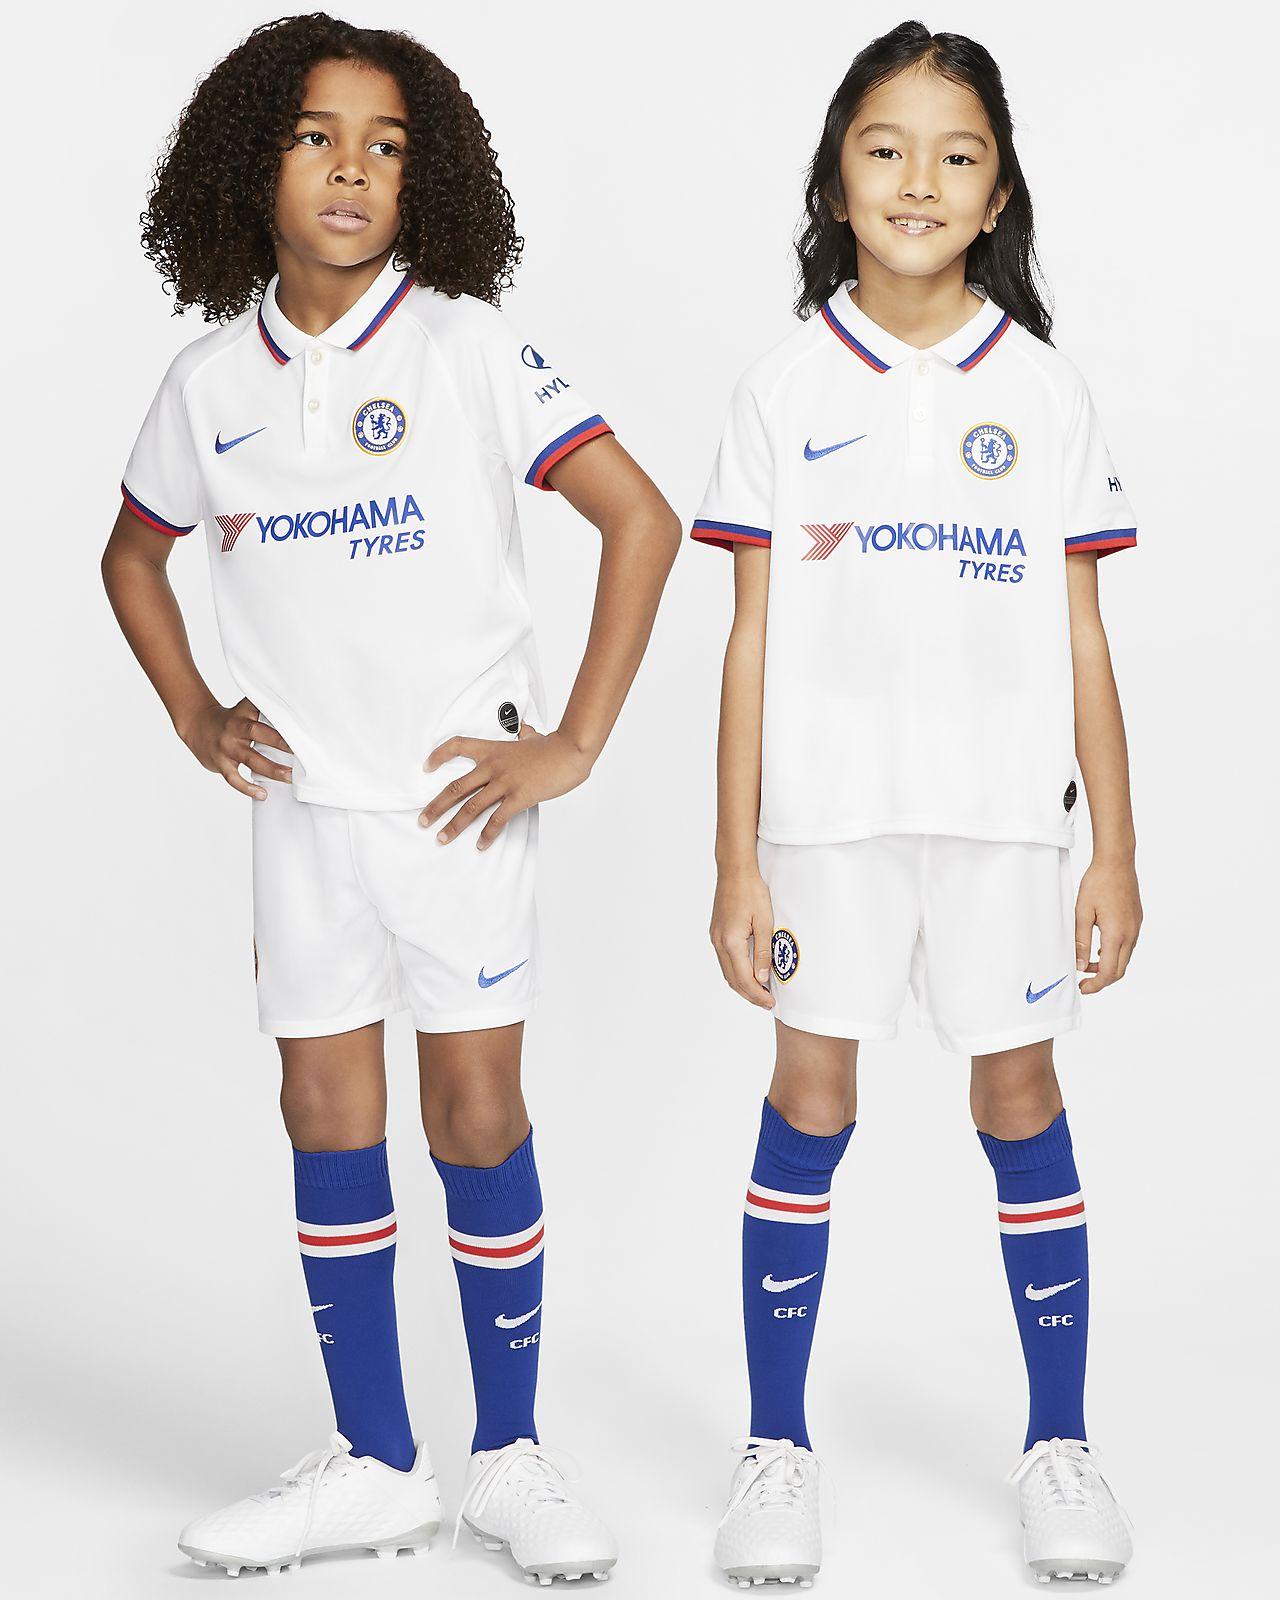 Kit de fútbol para niños talla pequeña de visitante del Chelsea FC 2019/20